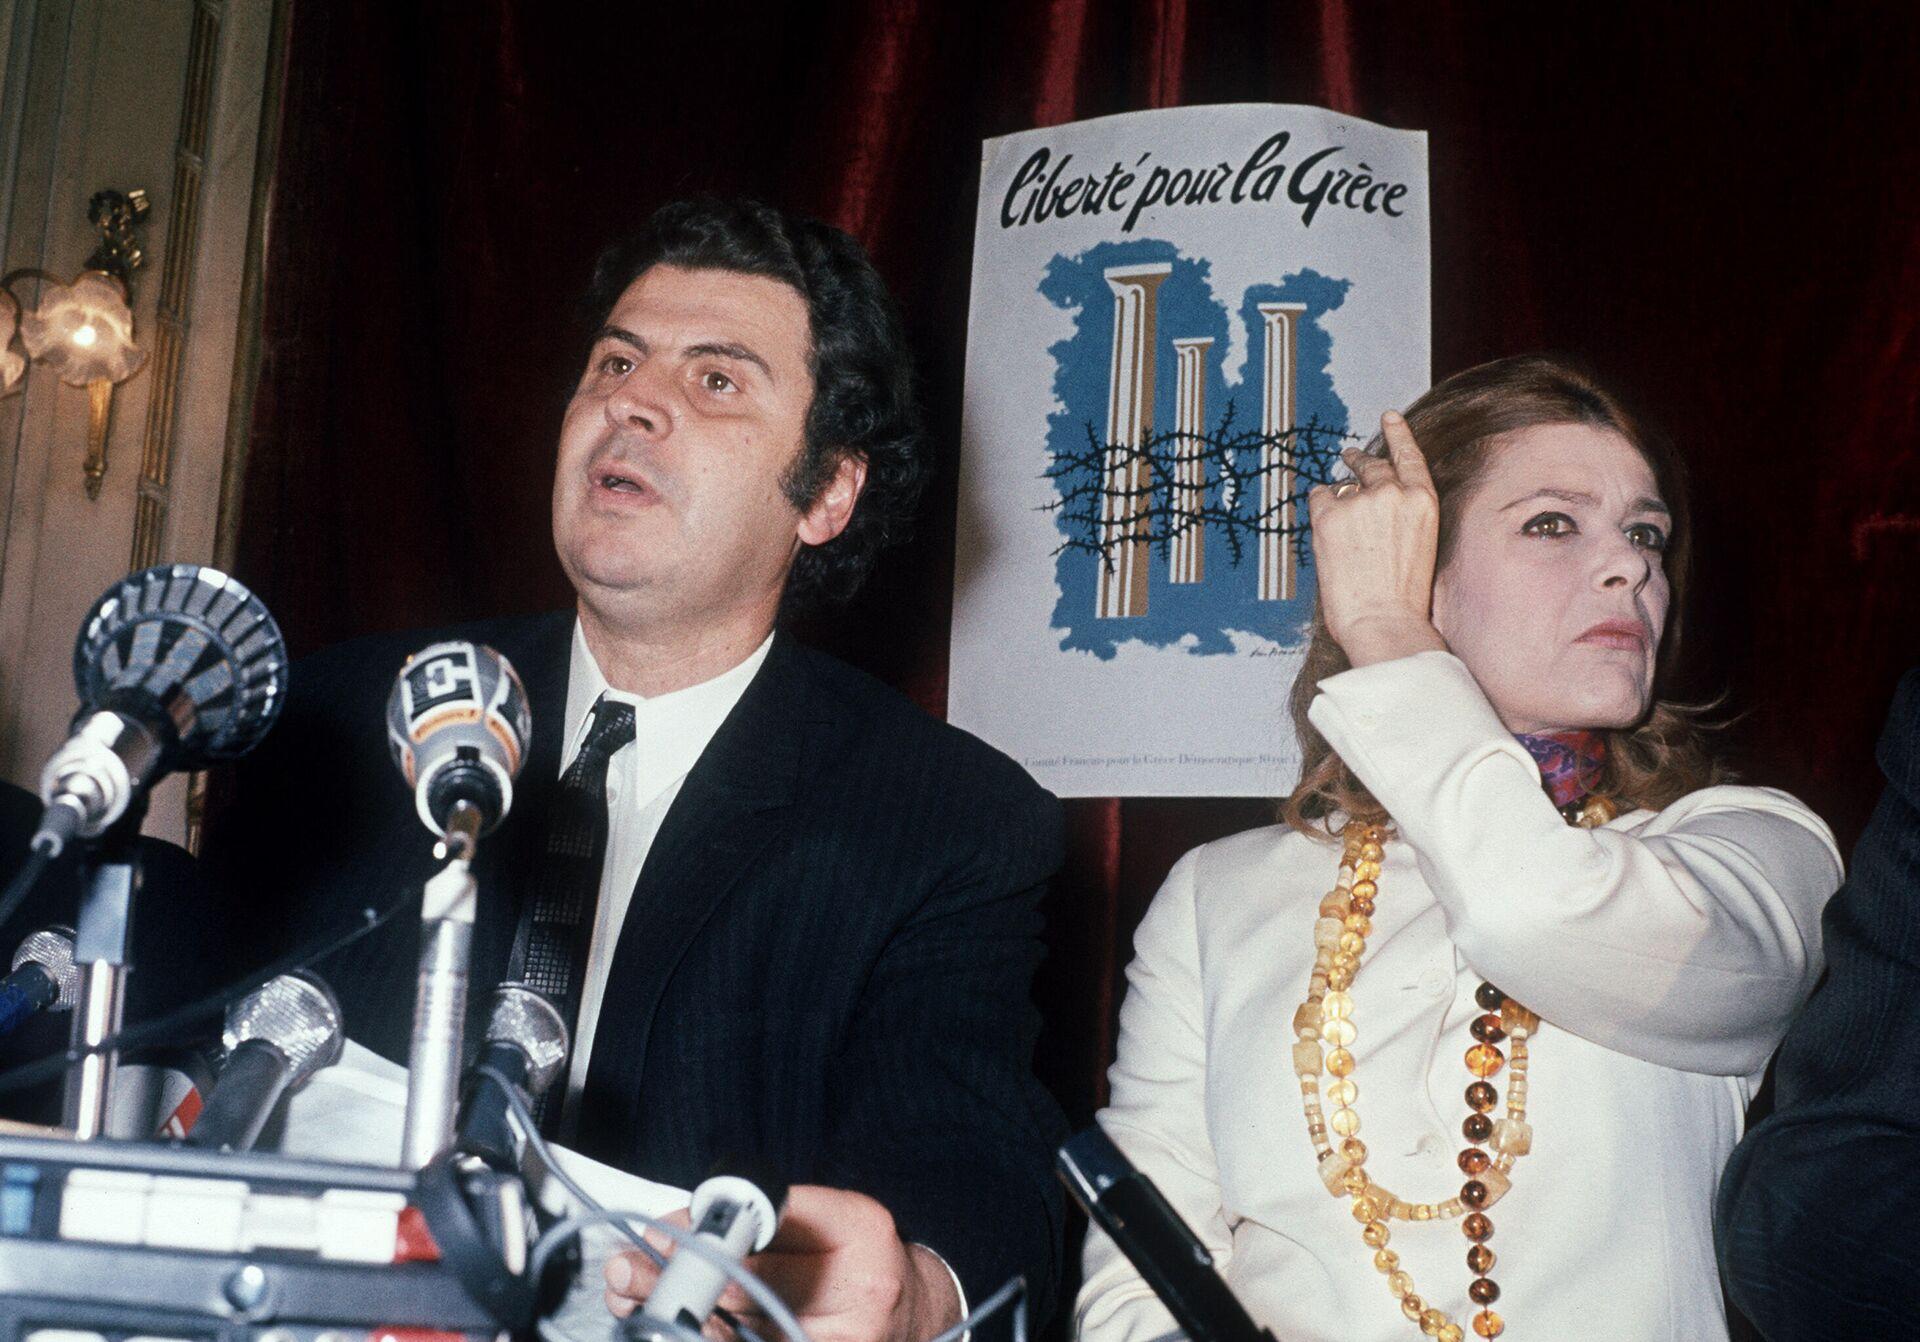 Melina Merkuri i Mikis Teodorakis govore na konferenciji za novinare u Parizu protiv režima vojne hunte u Grčkoj aprila 1970. - Sputnik Srbija, 1920, 02.09.2021